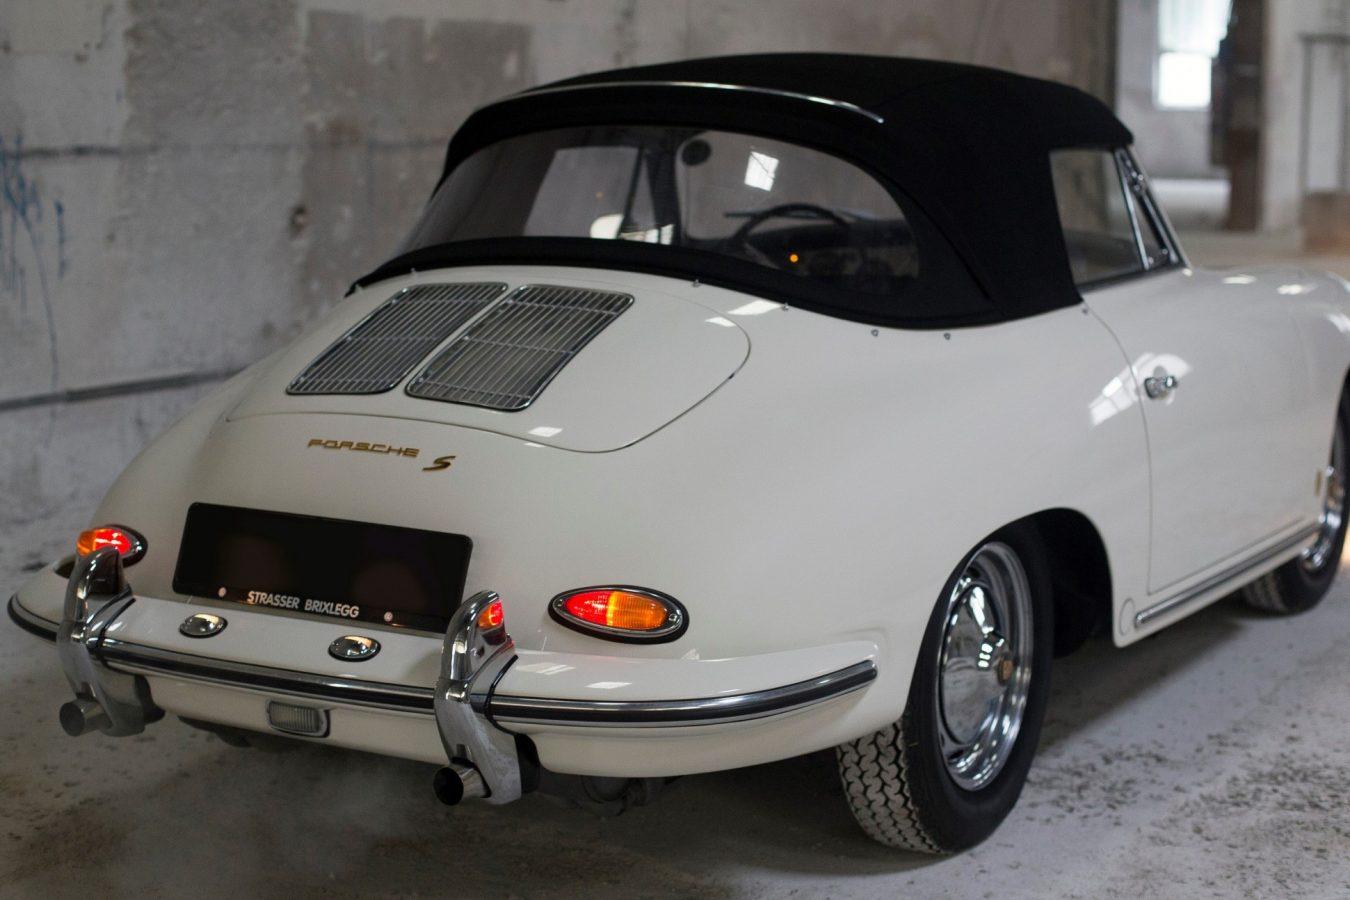 Weißer Porsche 356 BT6 Cabrio von hinten